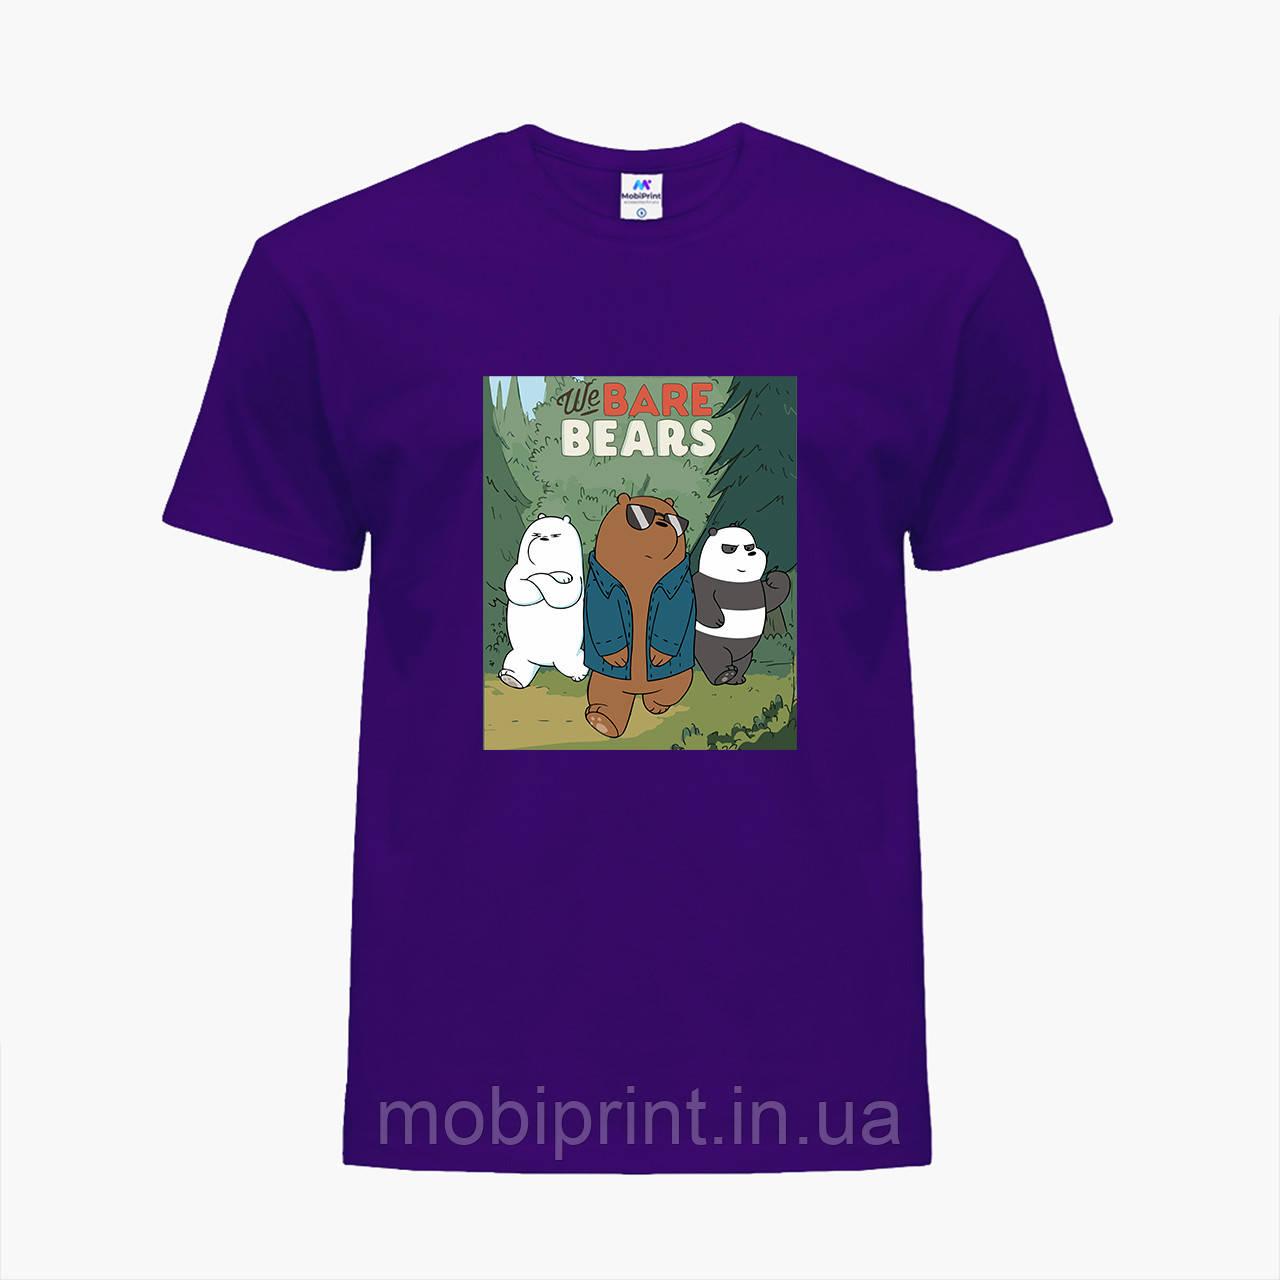 Детская футболка для мальчиков Вся правда о медведях (We Bare Bears) (25186-2664-PU) Фиолетовый